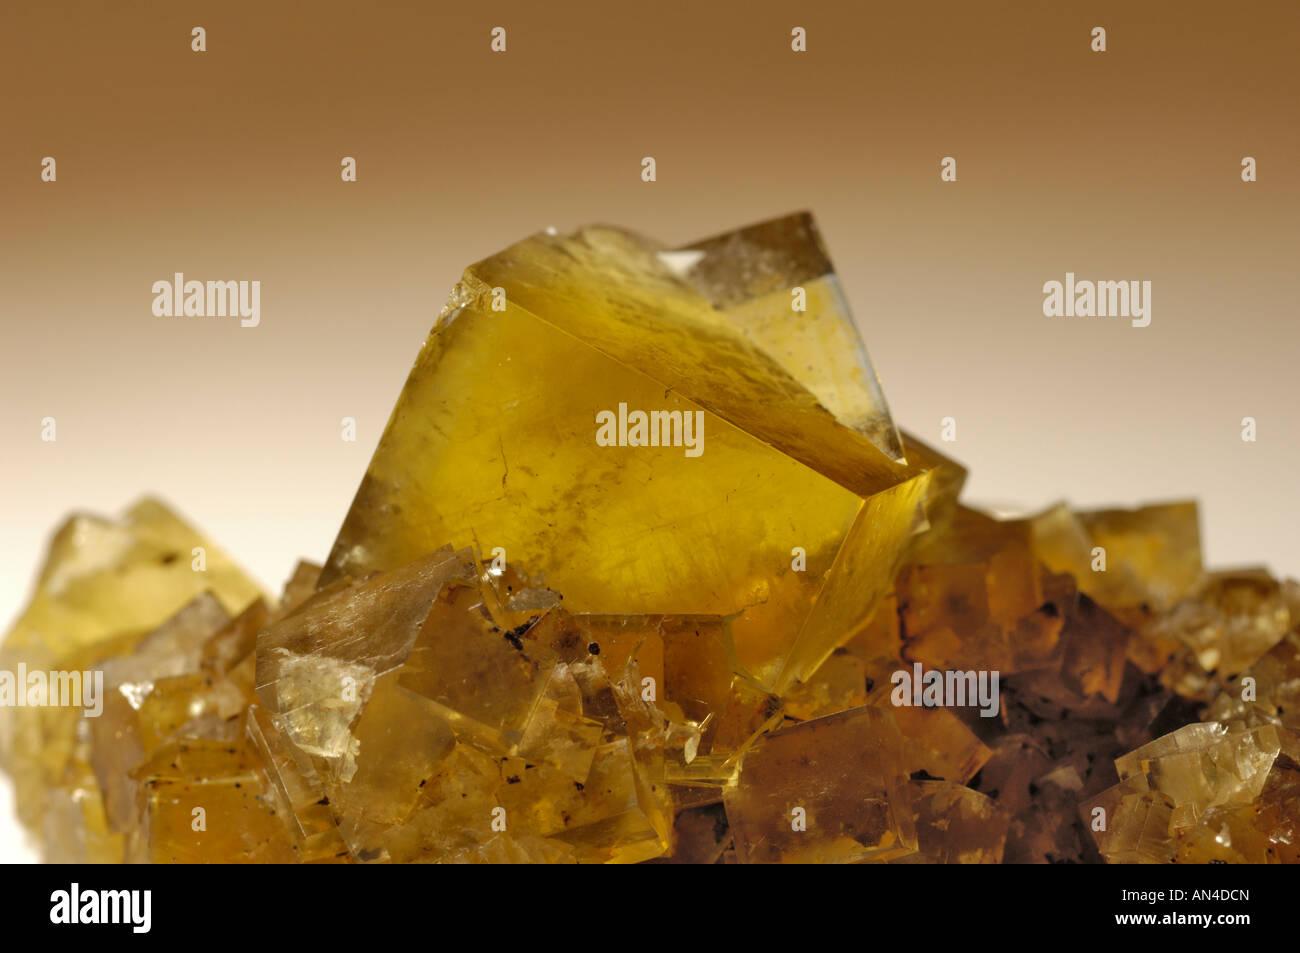 Mineral specimen, Fluorite twin, Hilton Mine, Scordale, Cumbria, England - Stock Image